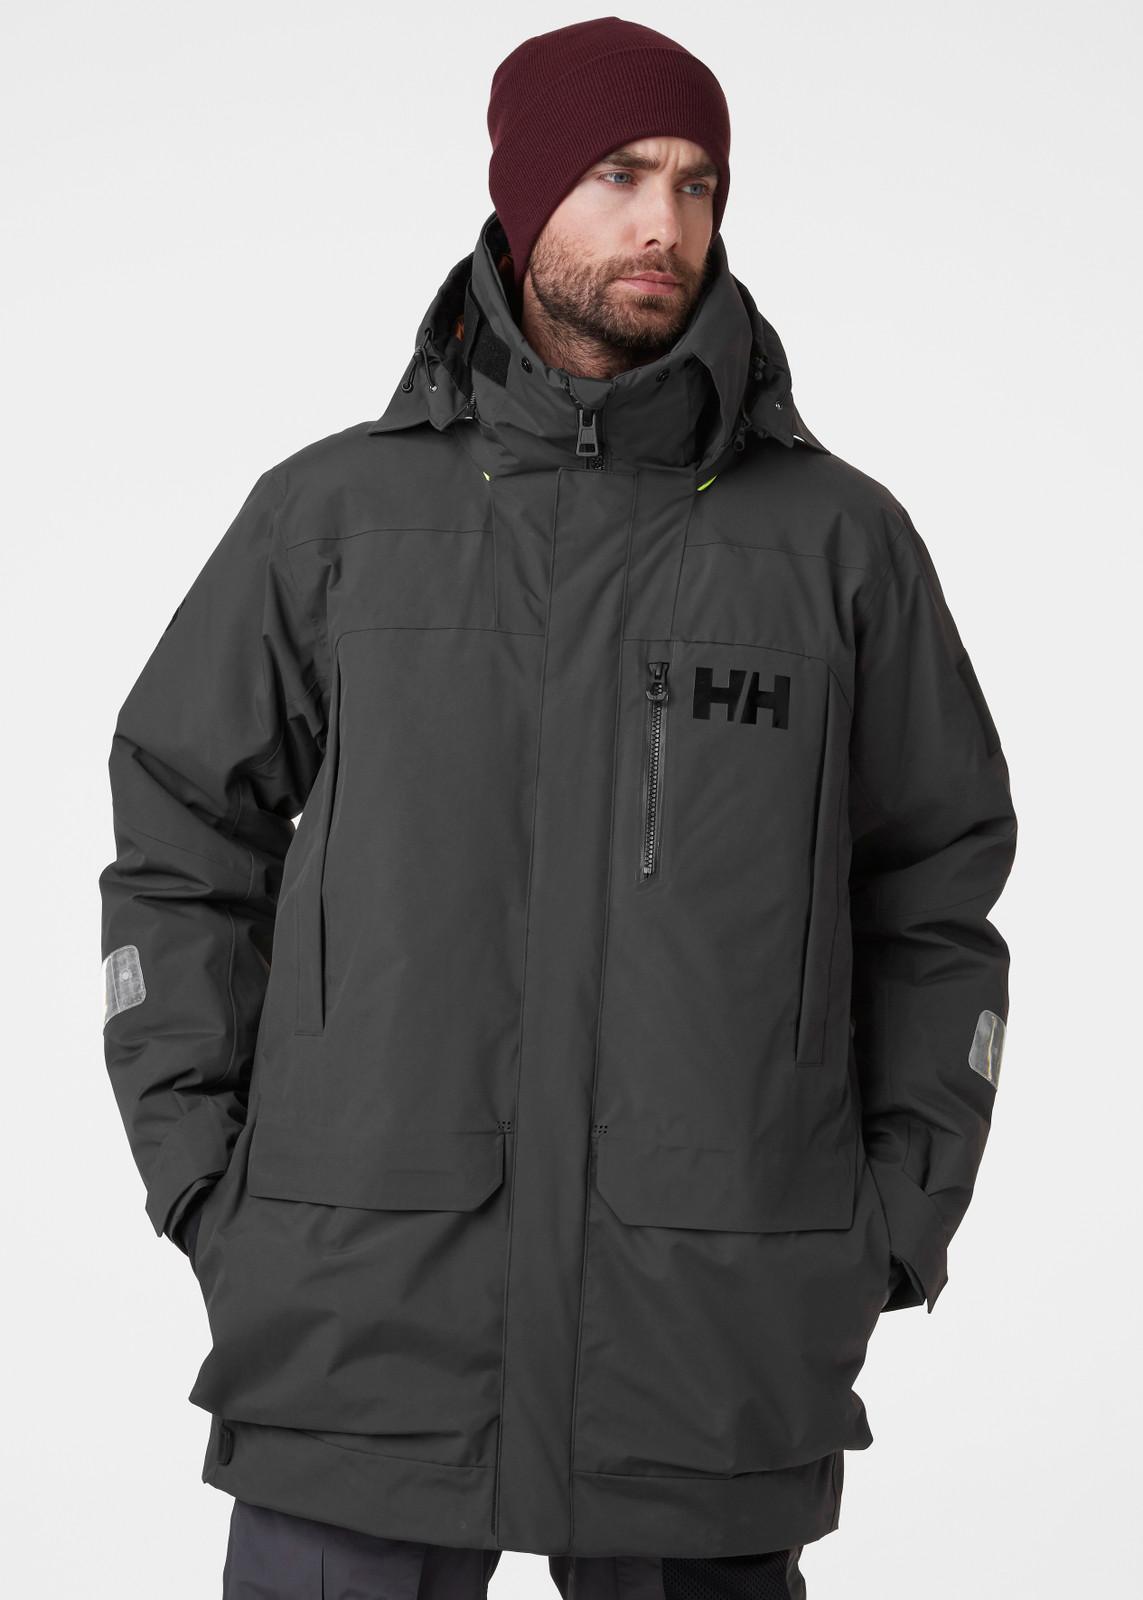 Helly Hansen Arctic Ocean Parka, Mens - Ebony   34093-981 (34093-981) 2